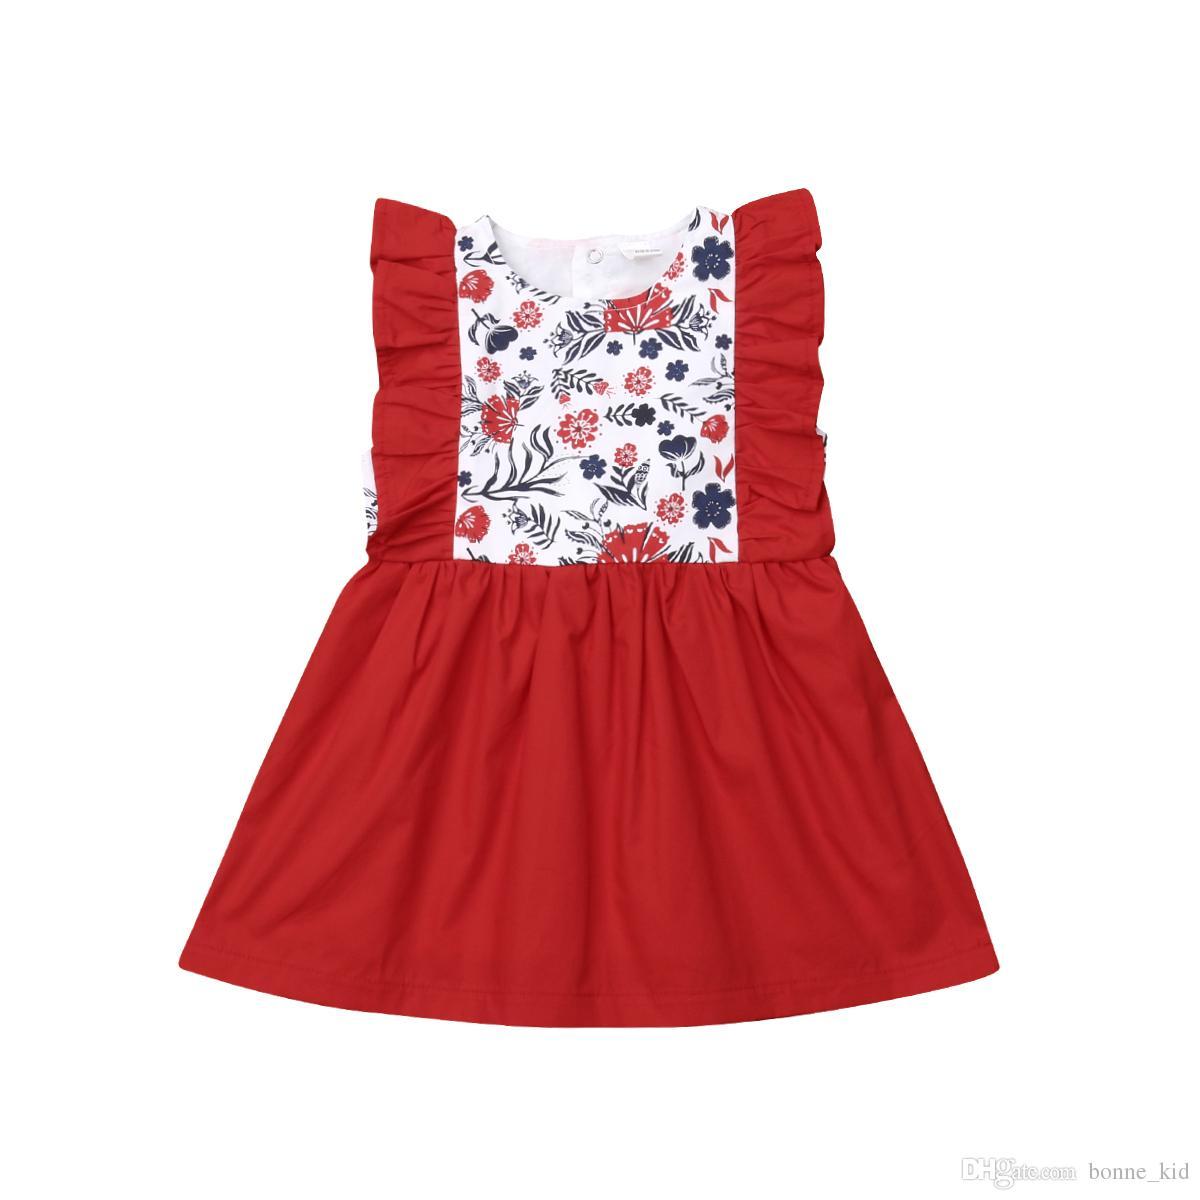 50b4bcb4b55 Großhandel Weihnachten Prinzessin Kinder Baby Mädchen Party Dress Blume  Rüschen Rote Kleider Kleidung Bowknot Sleeveless Baby Kid Mädchen  Weihnachten ...